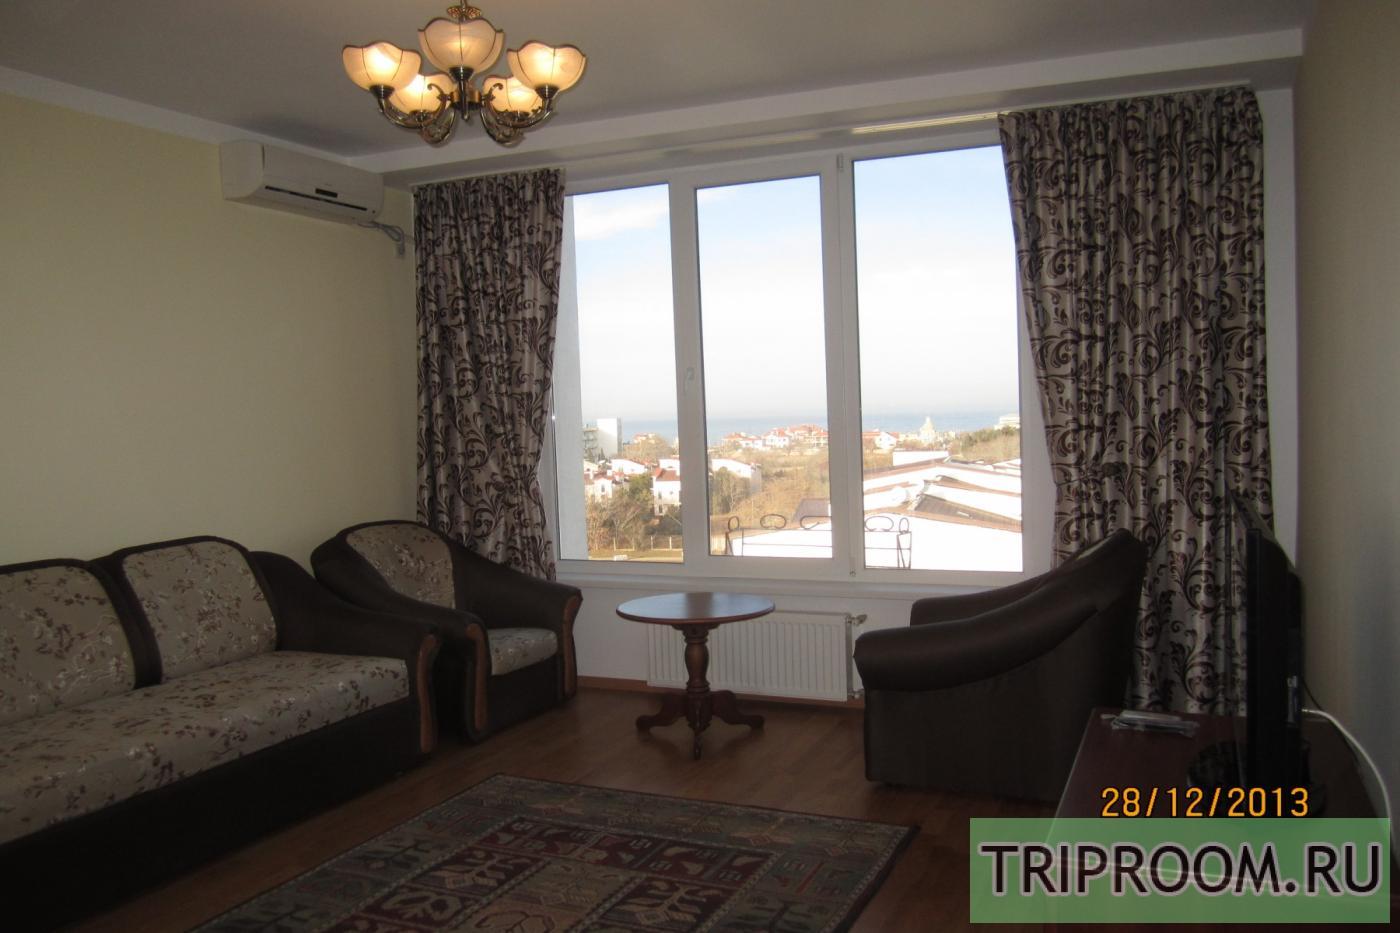 2-комнатная квартира посуточно (вариант № 23105), ул. Челнокова, фото № 1